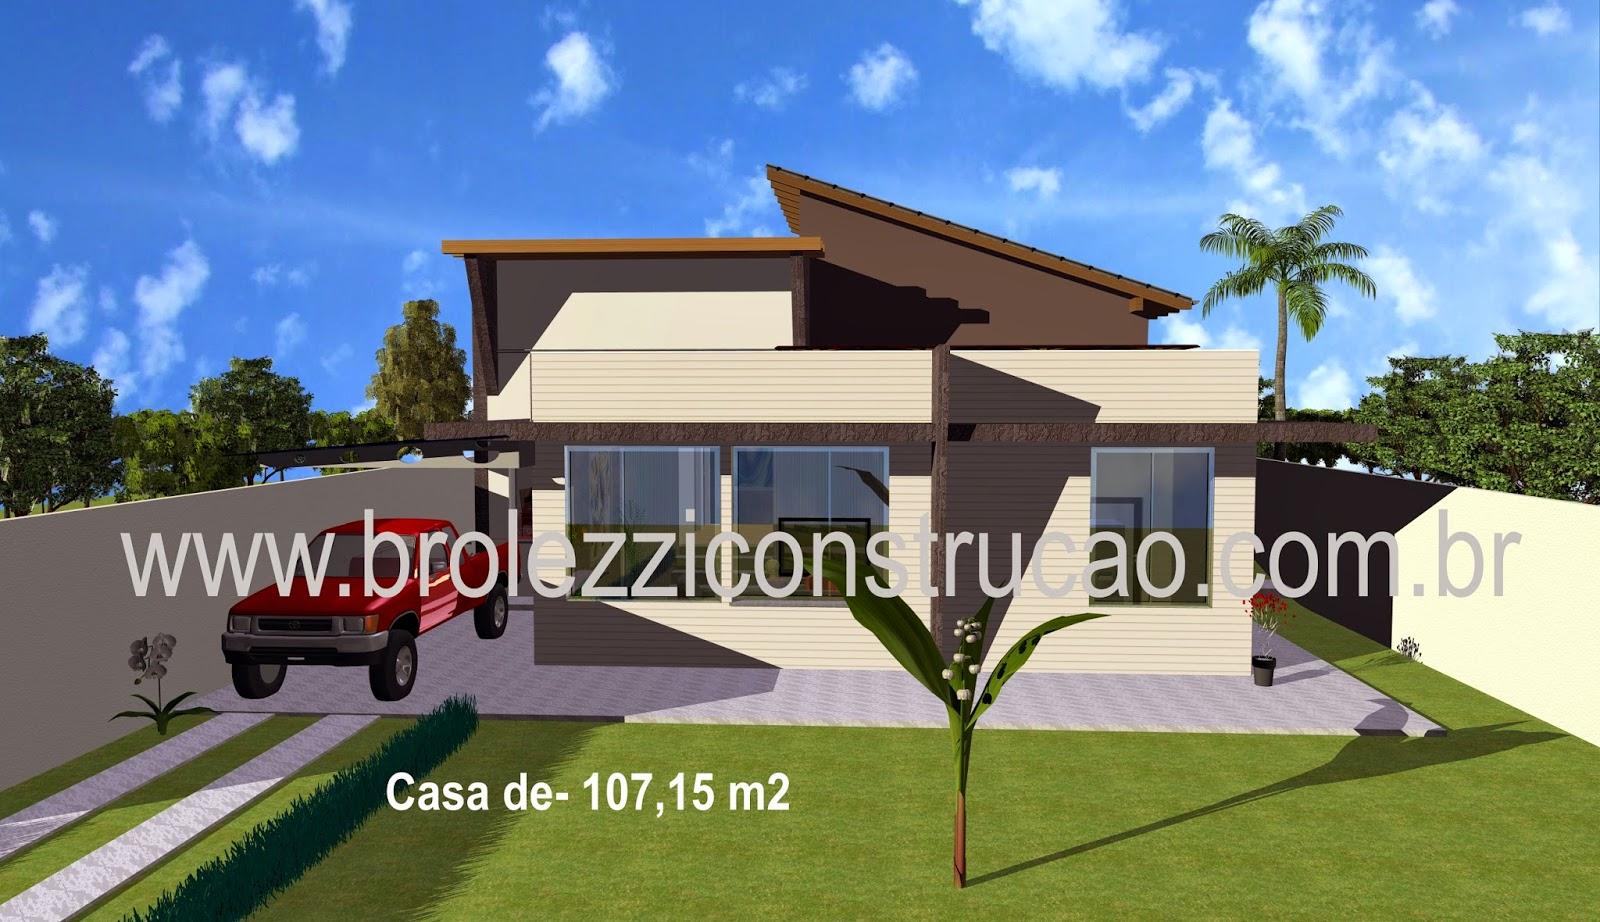 Fotos de casas de co brolezzi constru 231 oes for Casas modernas wikipedia